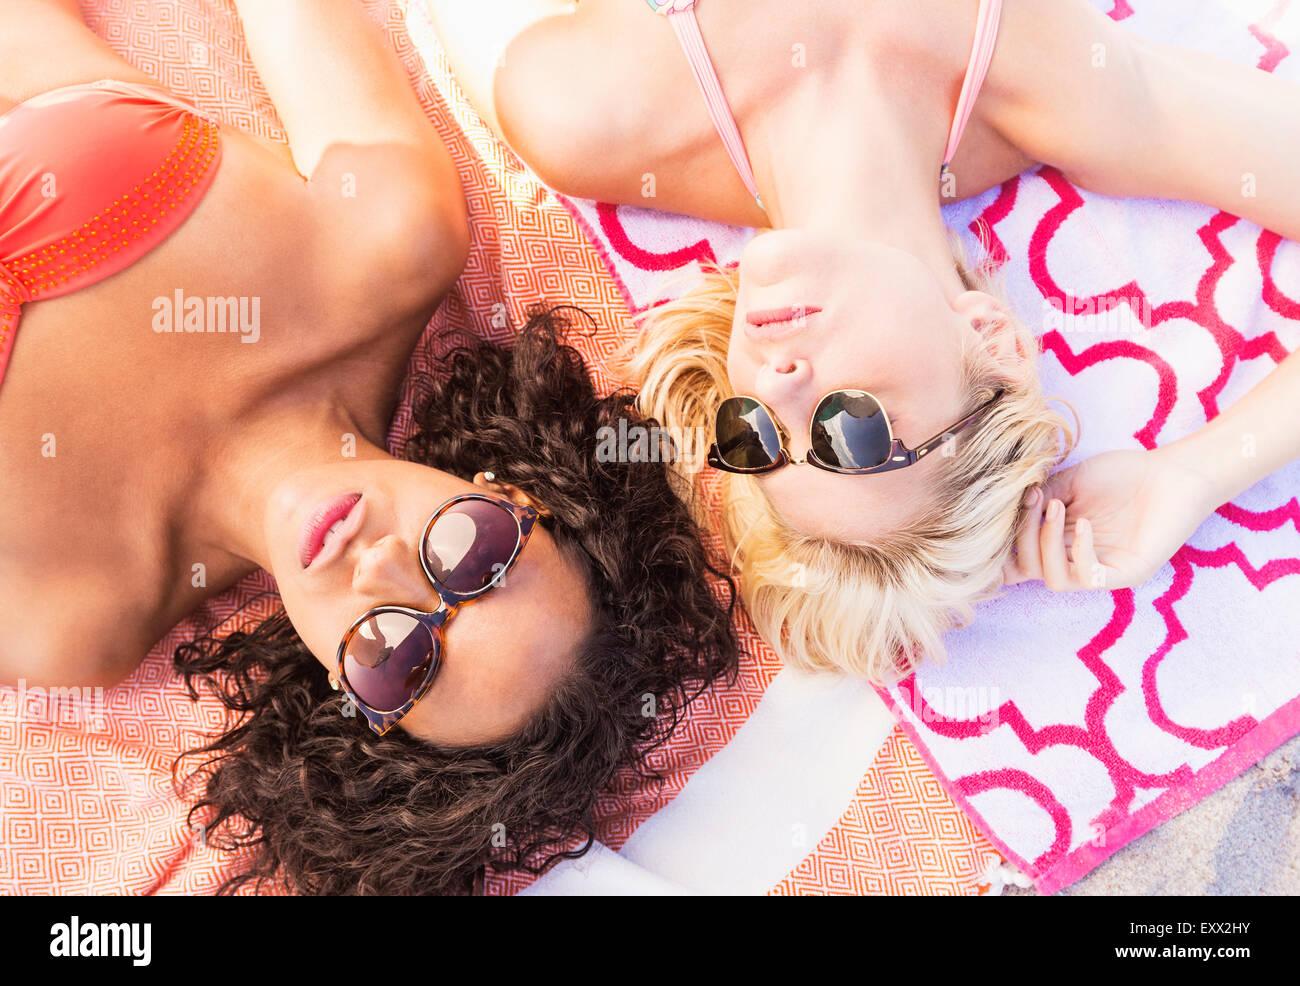 Amici di sesso femminile sulla spiaggia Immagini Stock